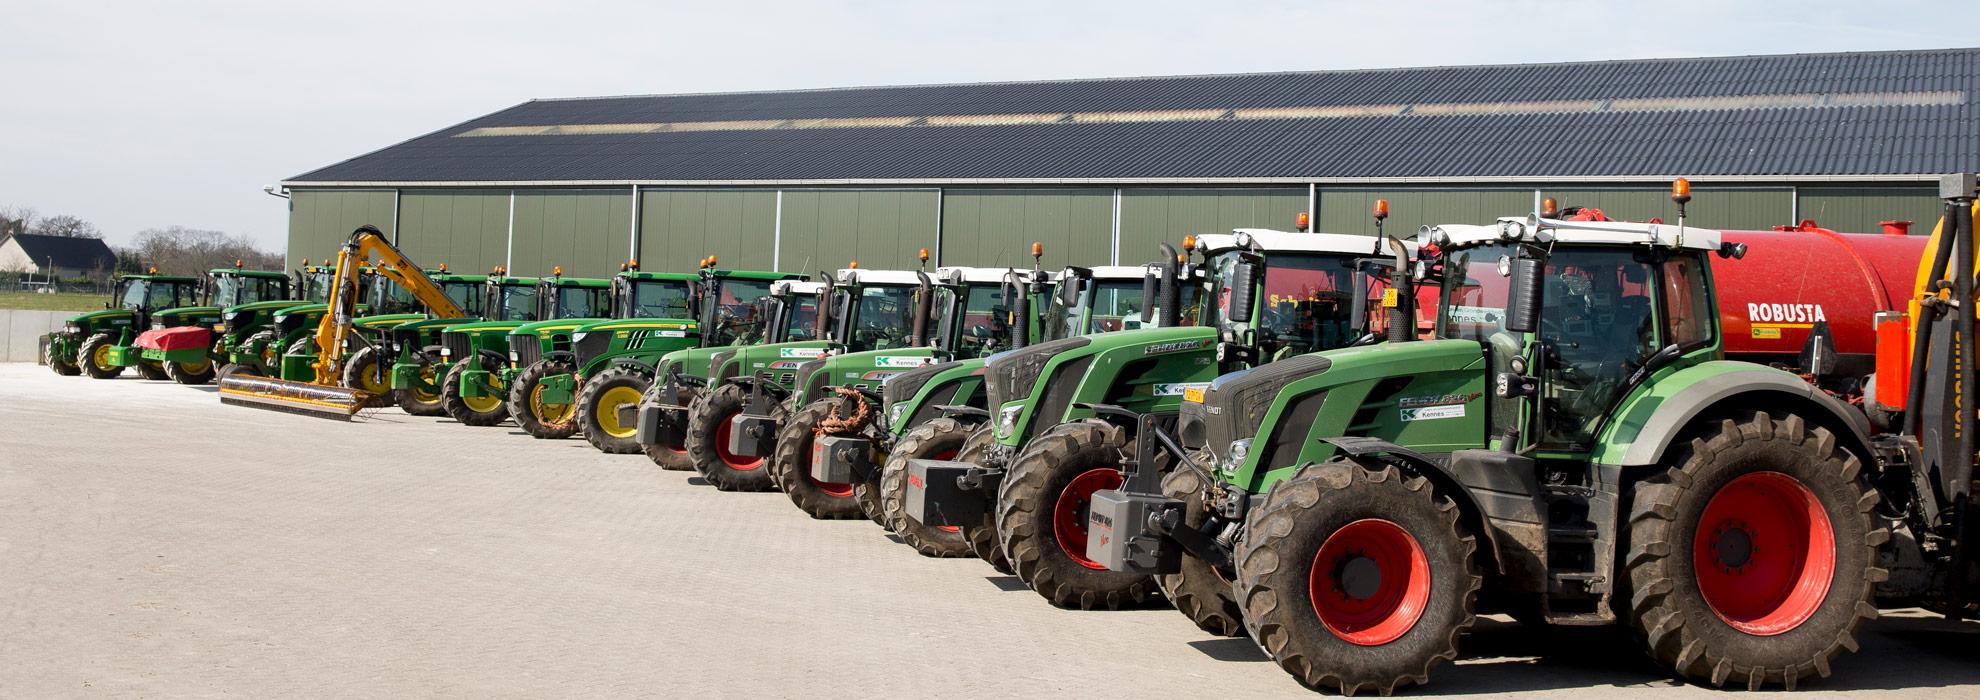 Loonbedrijf Kennes machinepark tractoren